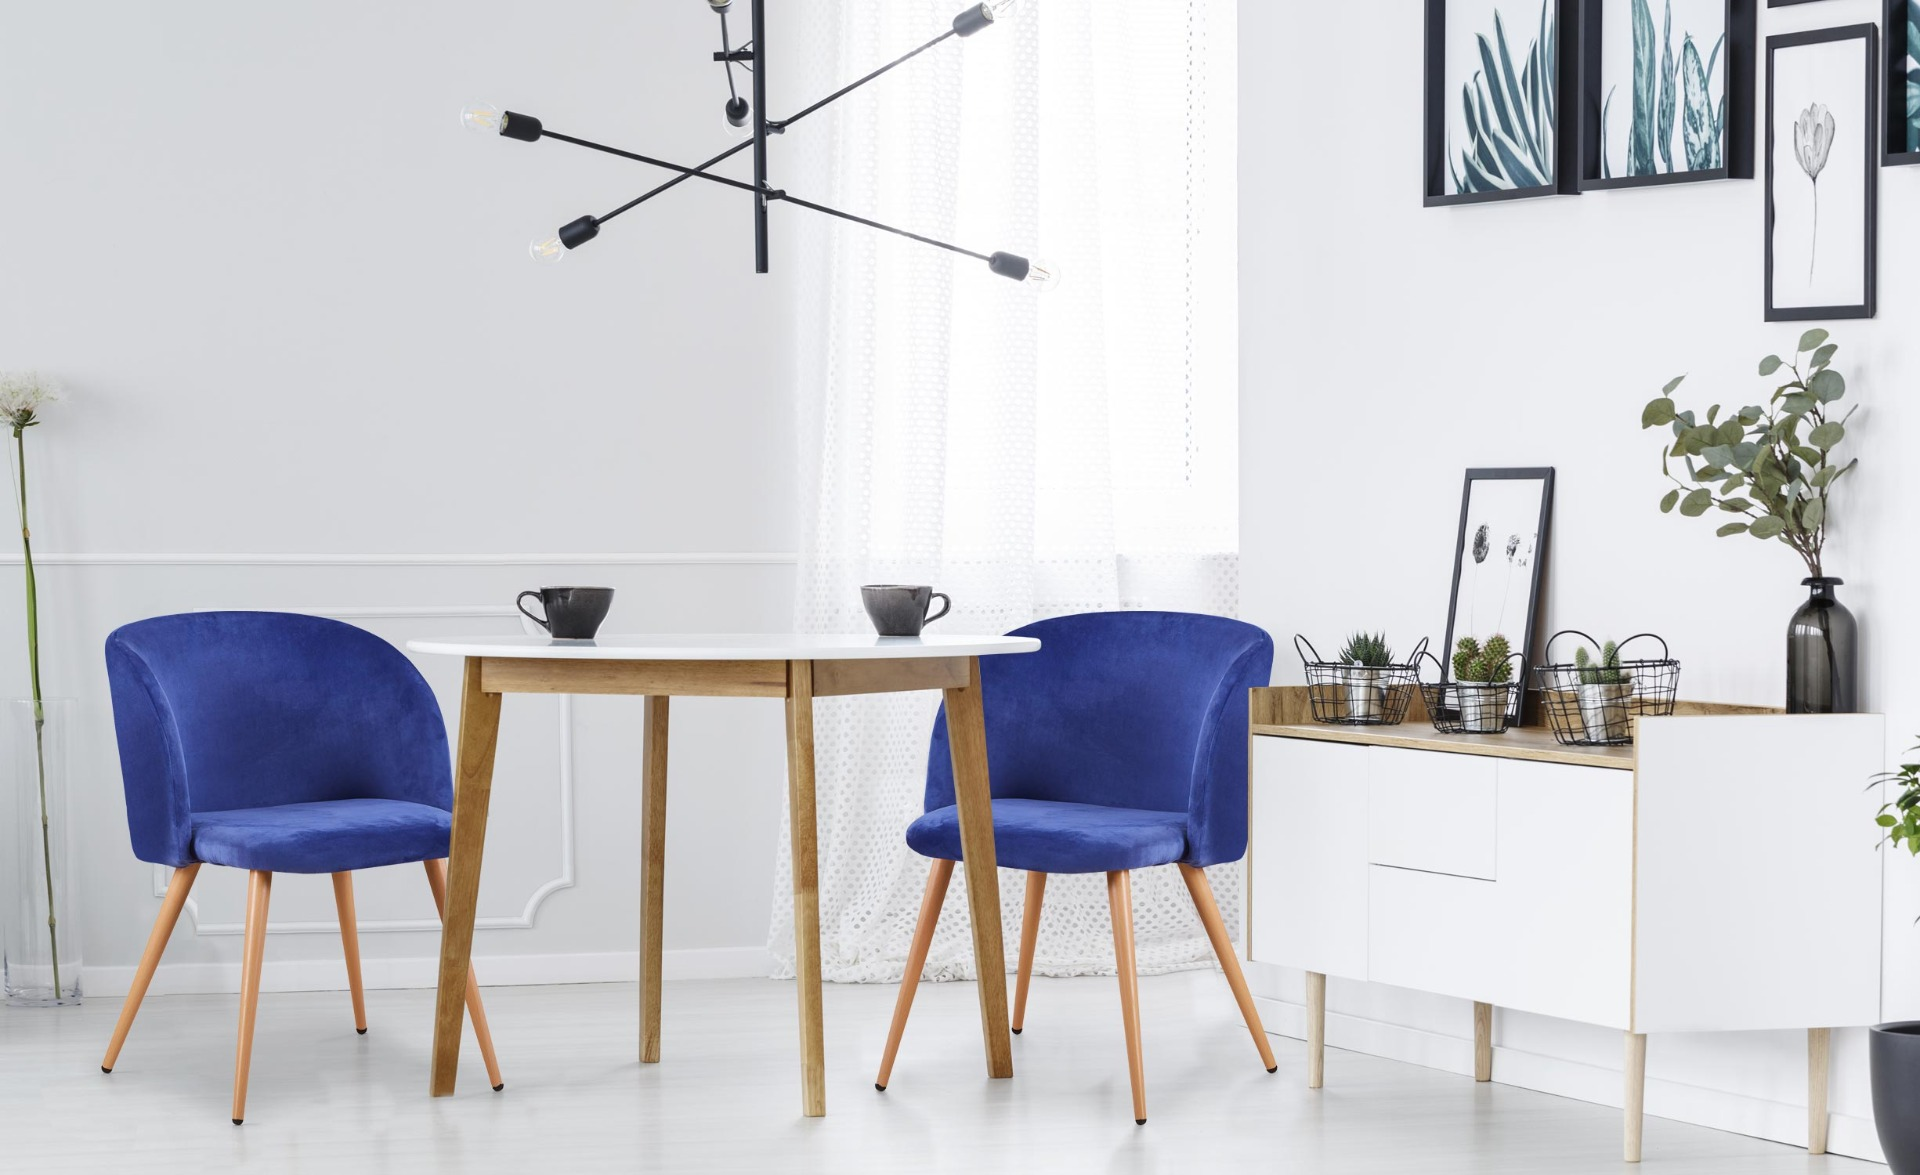 Minima Set mit 2 skandinavischen Stühlen Samtbezug Blau